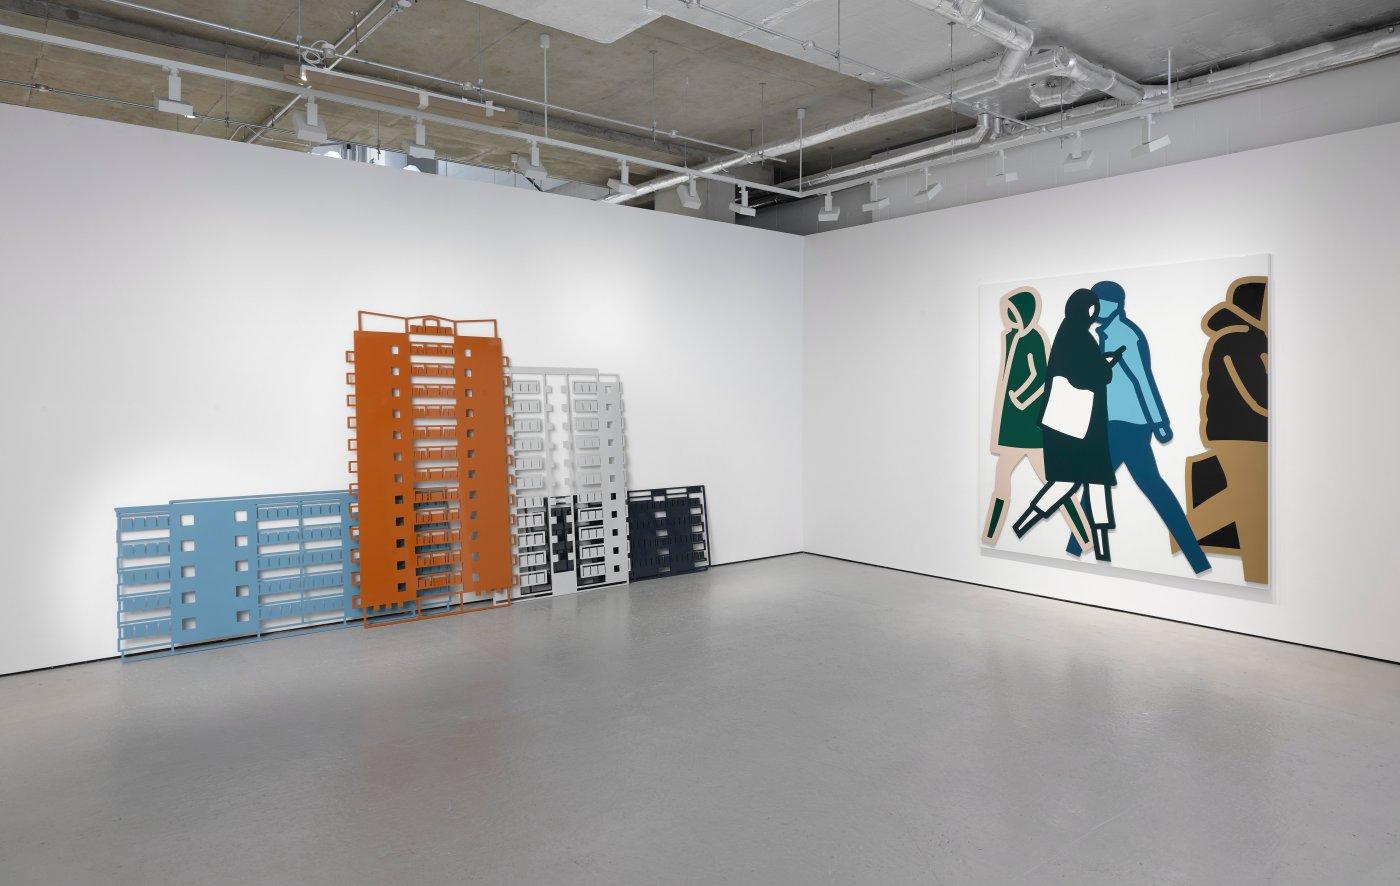 Lisson-Gallery-Cork-St-Julian-Opie 3